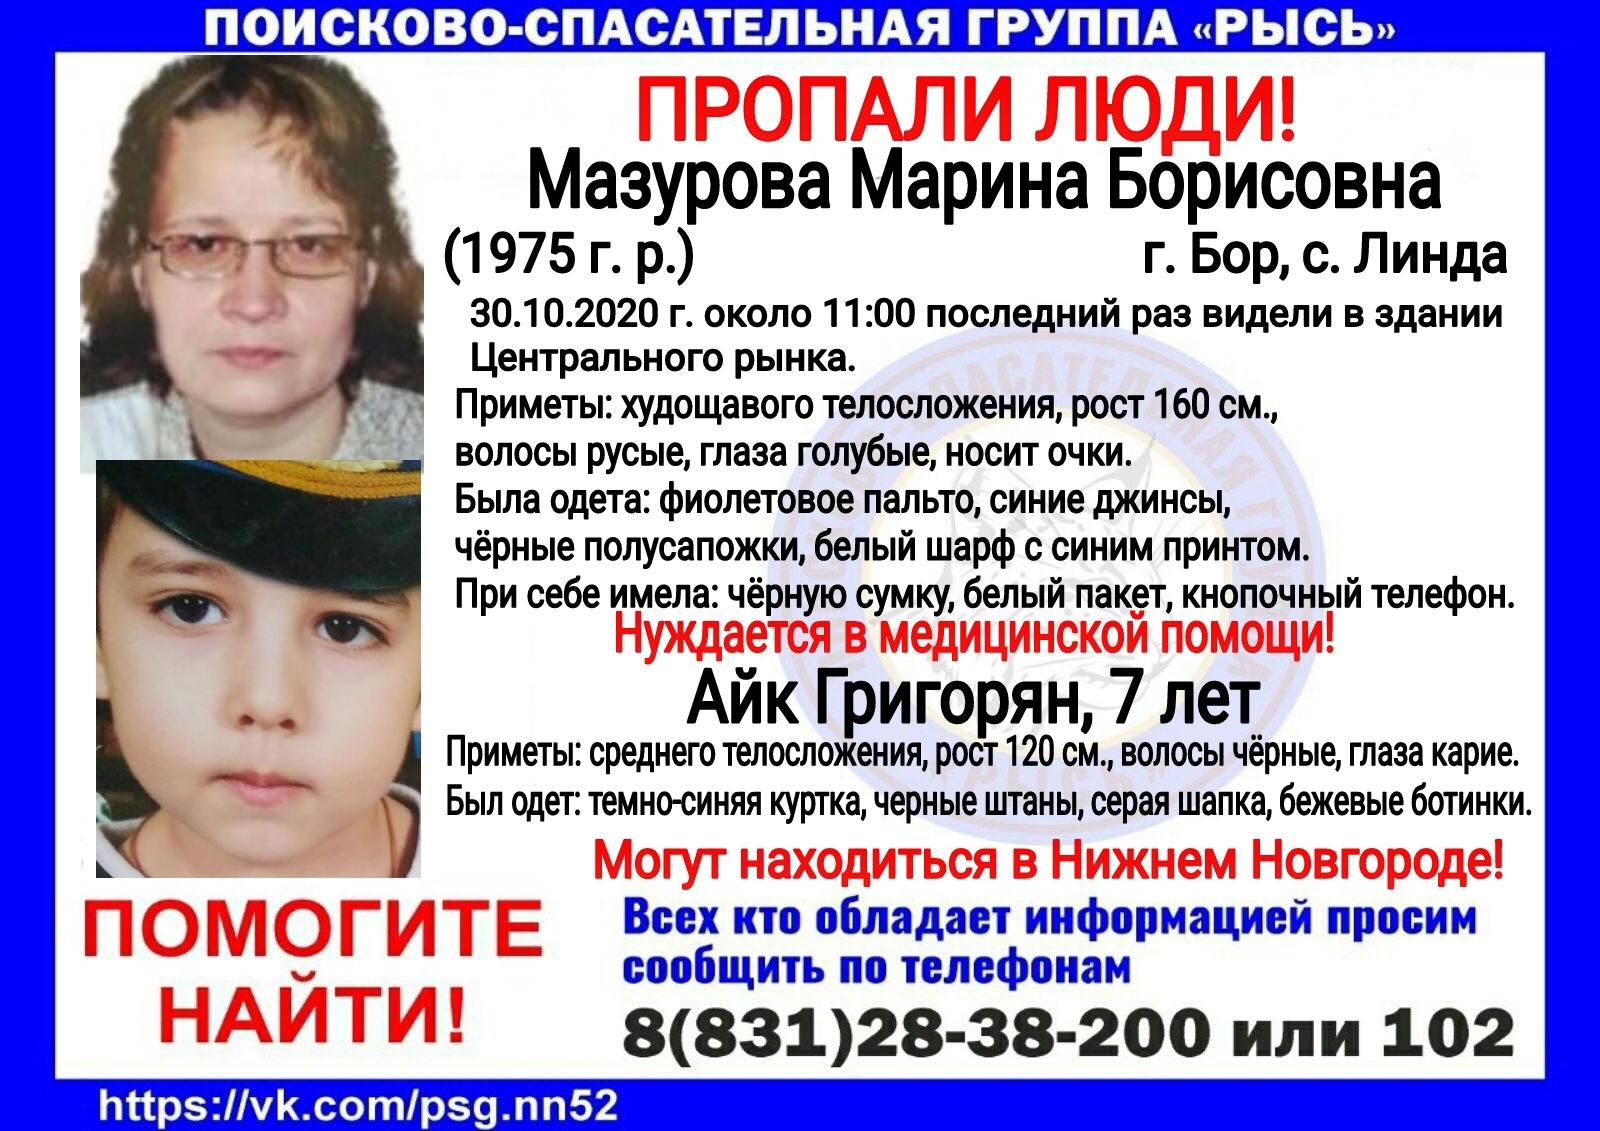 Мазурова Марина Борисовна, 1975 г. р., Айк Григорян, 7 лет, г. Бор